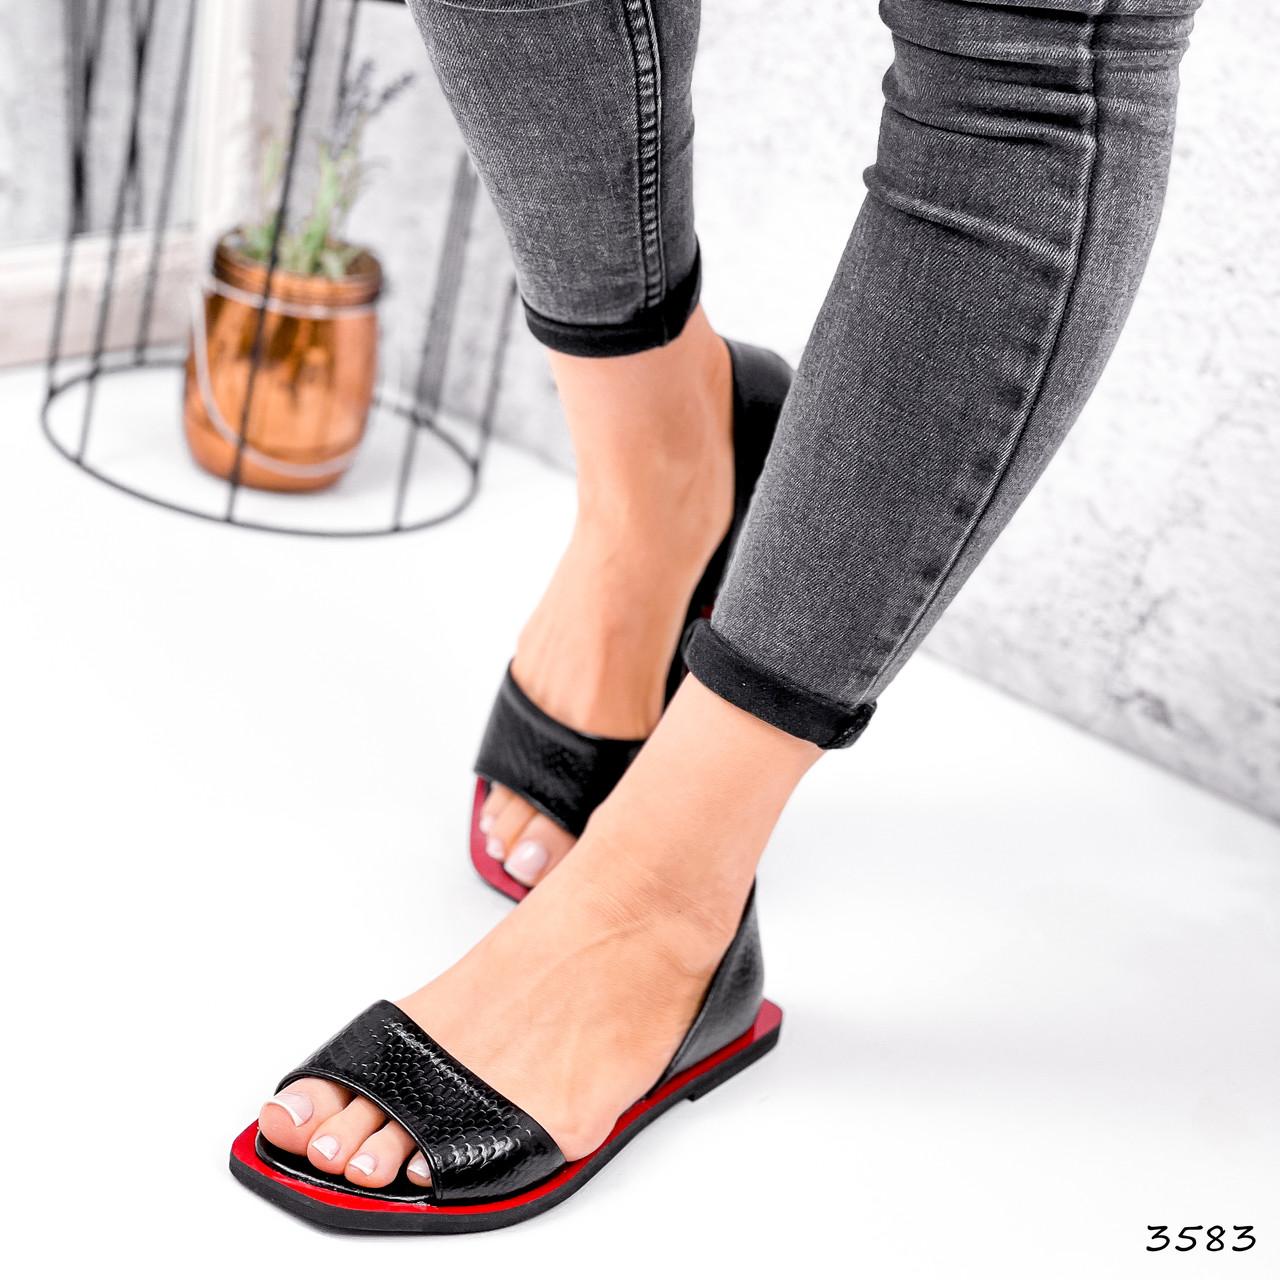 Босоножки женские Carla черные + красный 3583